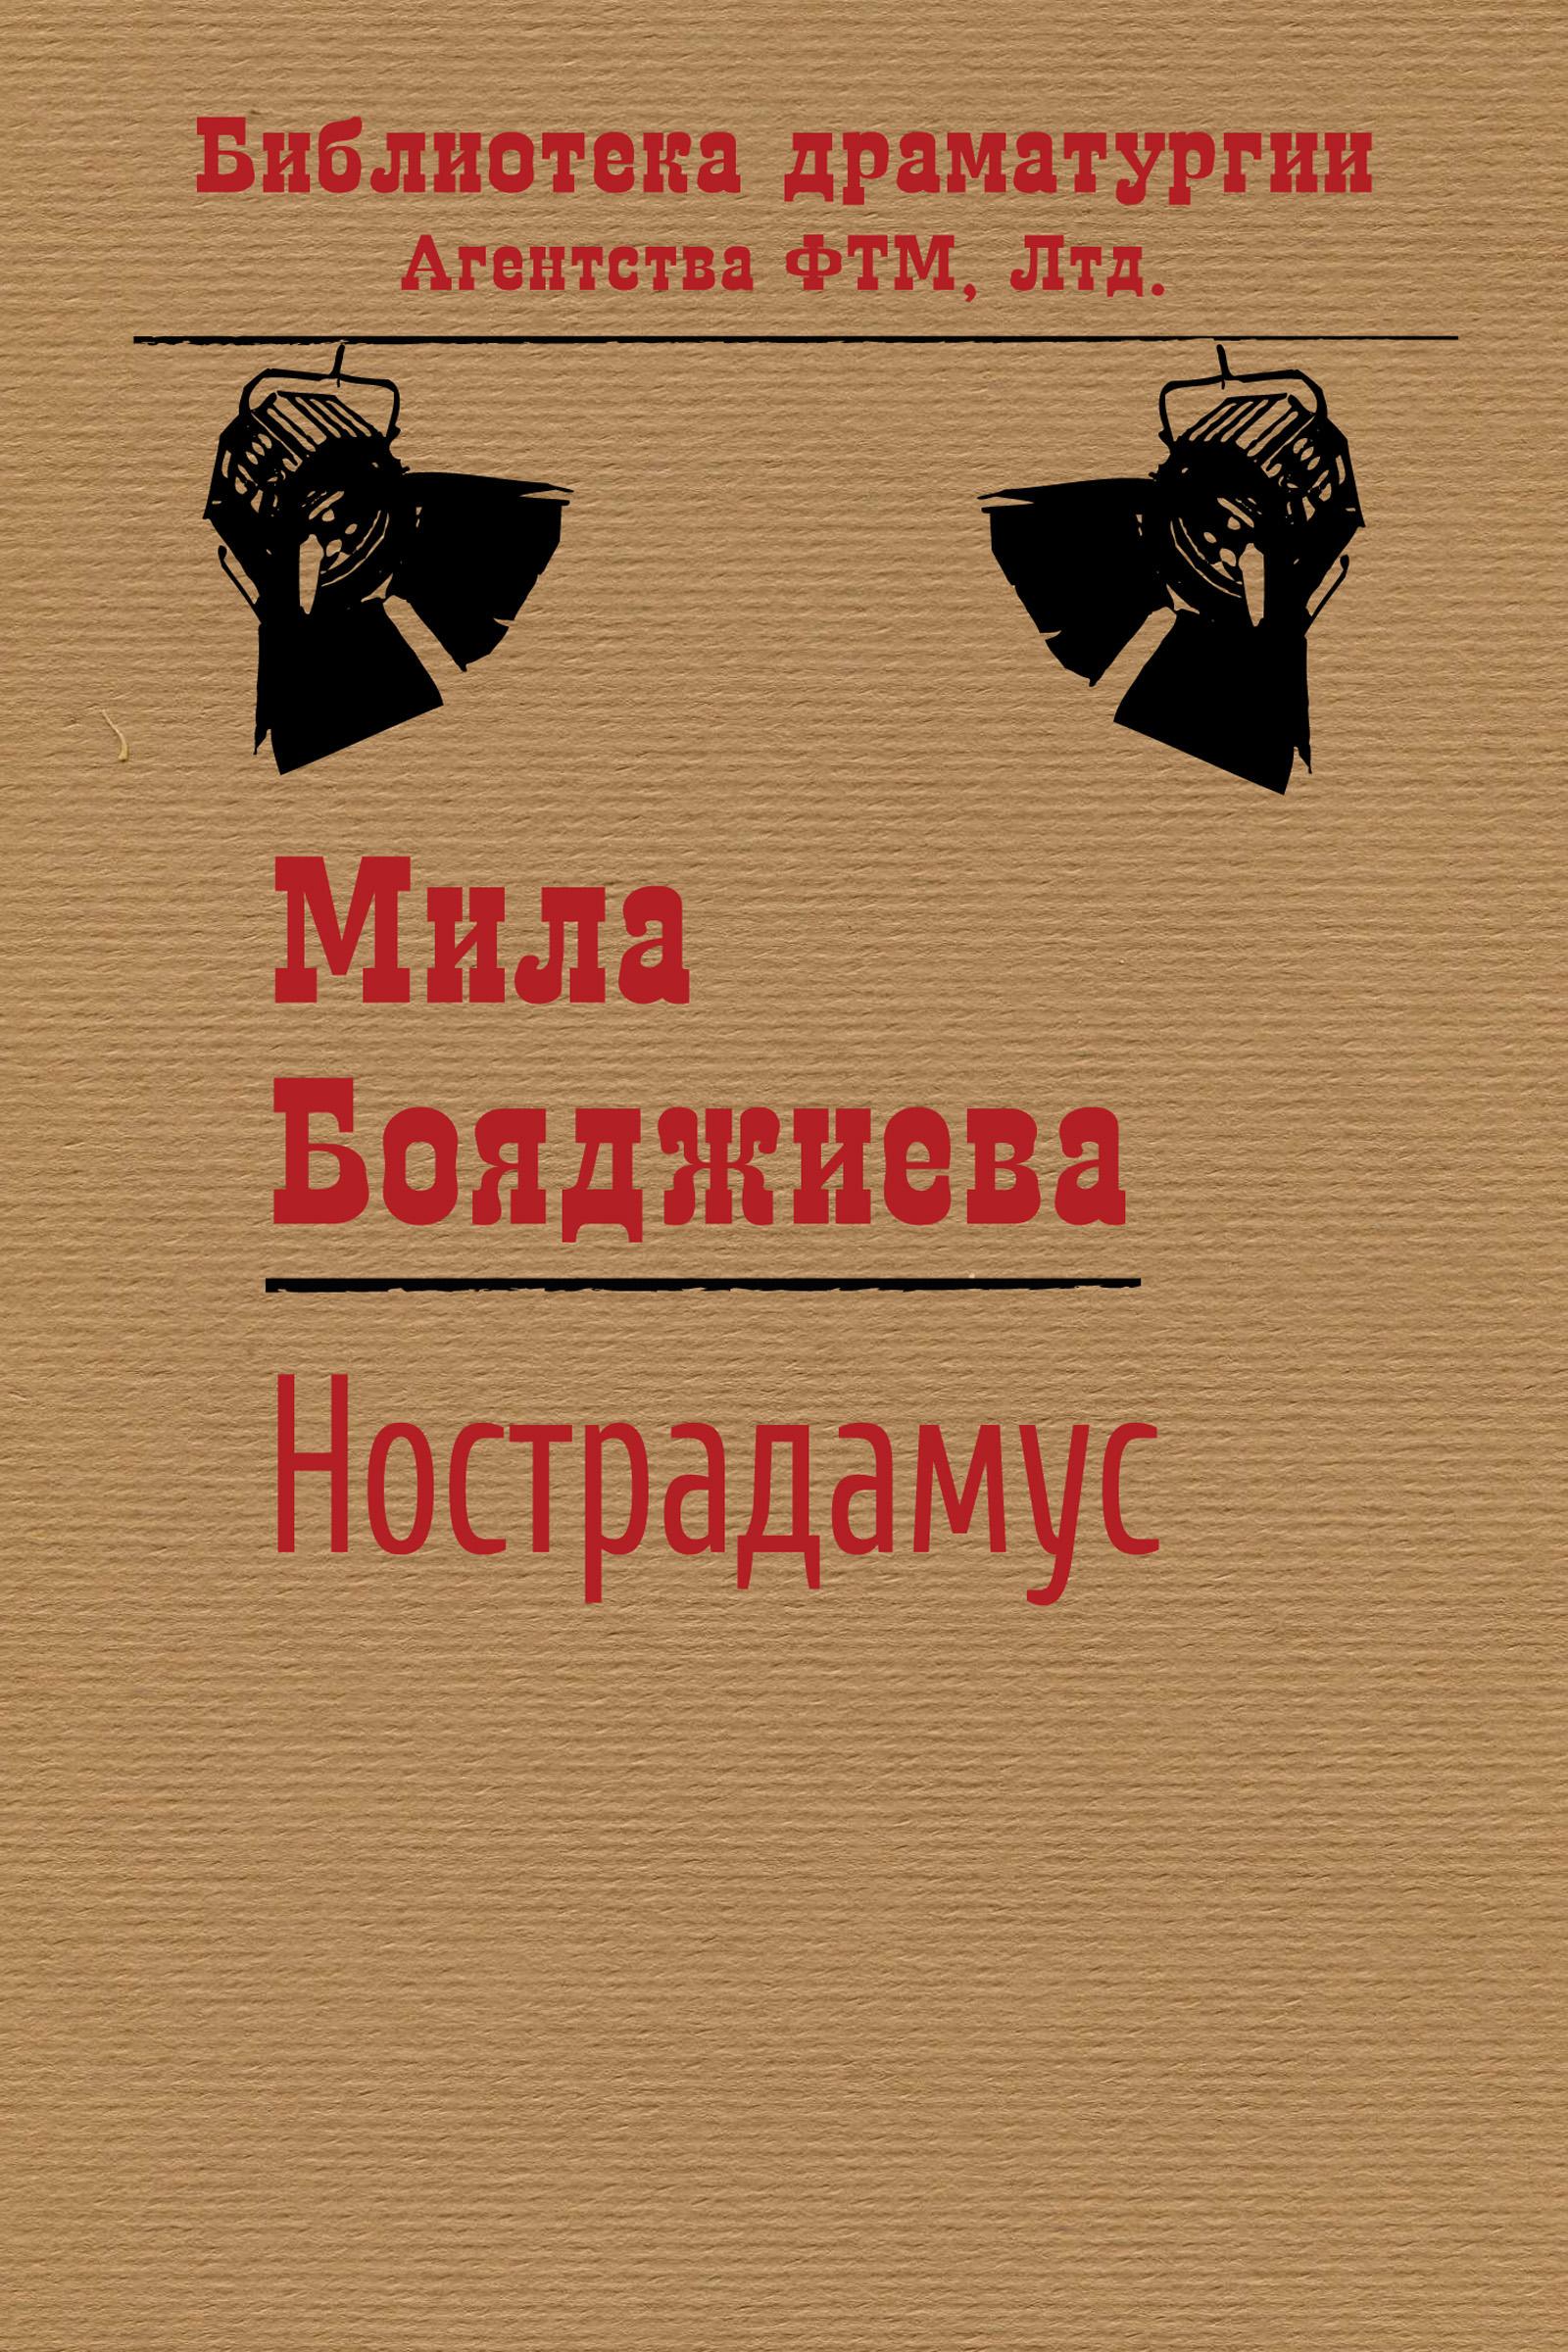 Людмила Бояджиева Нострадамус цена